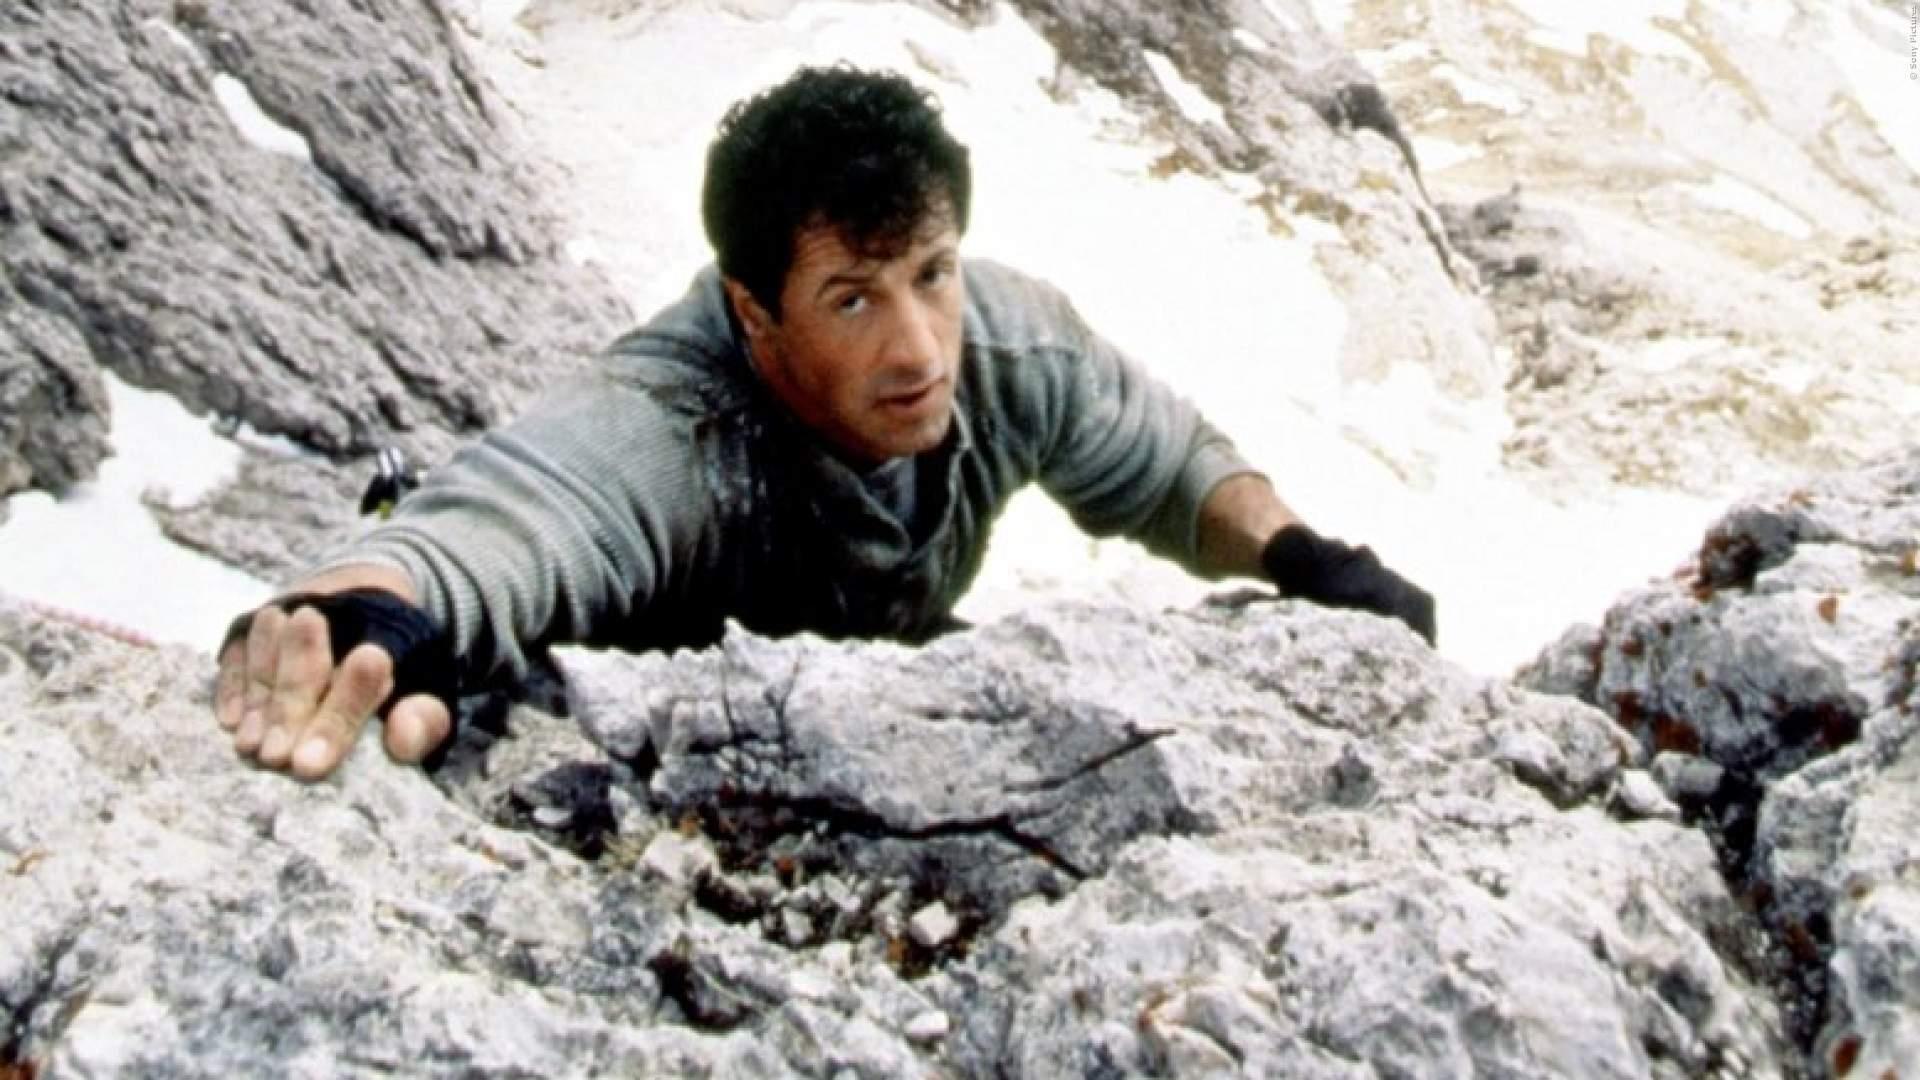 NEUAUFLAGE: Fast And Furious-Macher dreht 'Cliffhanger'-Remake ohne Stallone